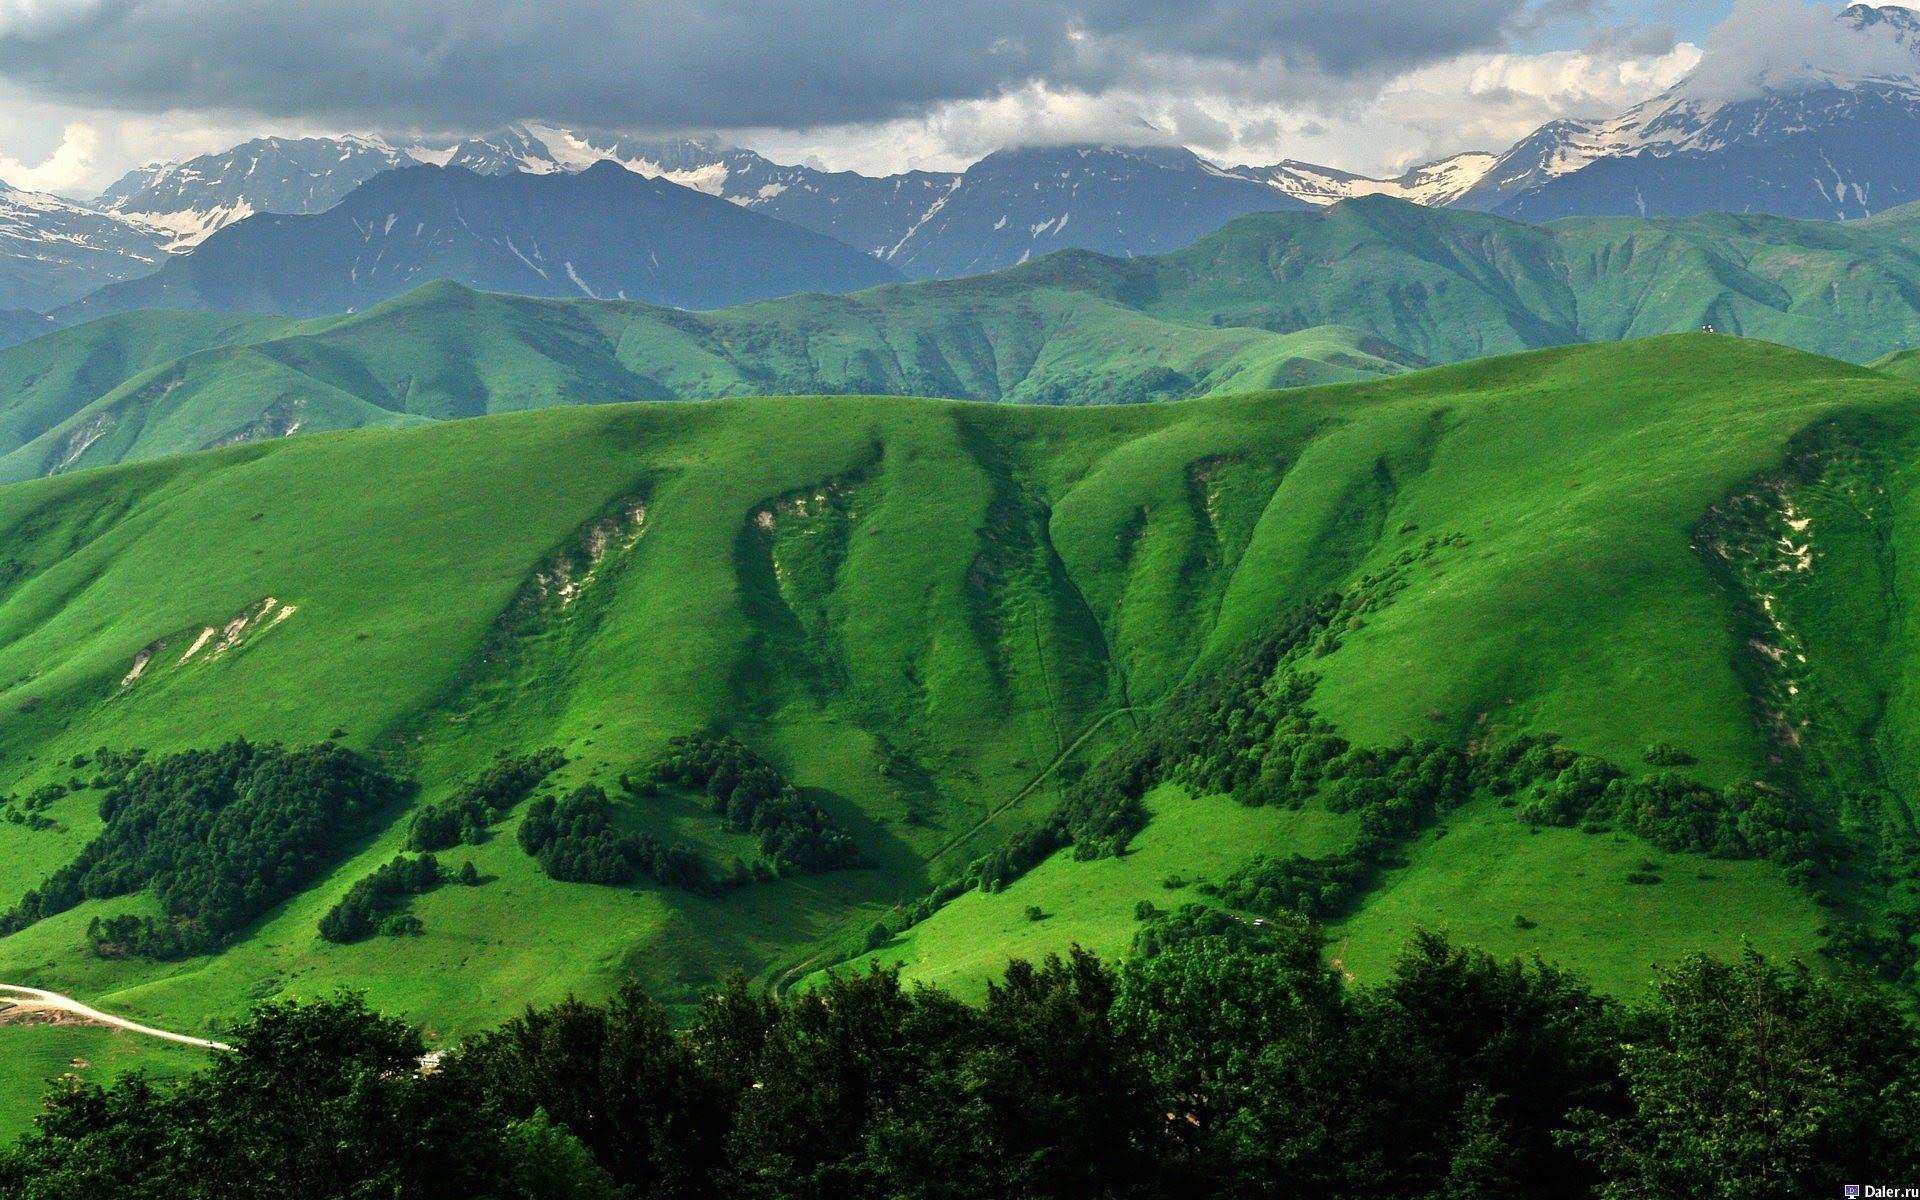 Asmr The Mountain Air Http Www Youtube Com Watch V 7dbzoksrgju Gornyj Pejzazh Idei Ozeleneniya Pejzazhi